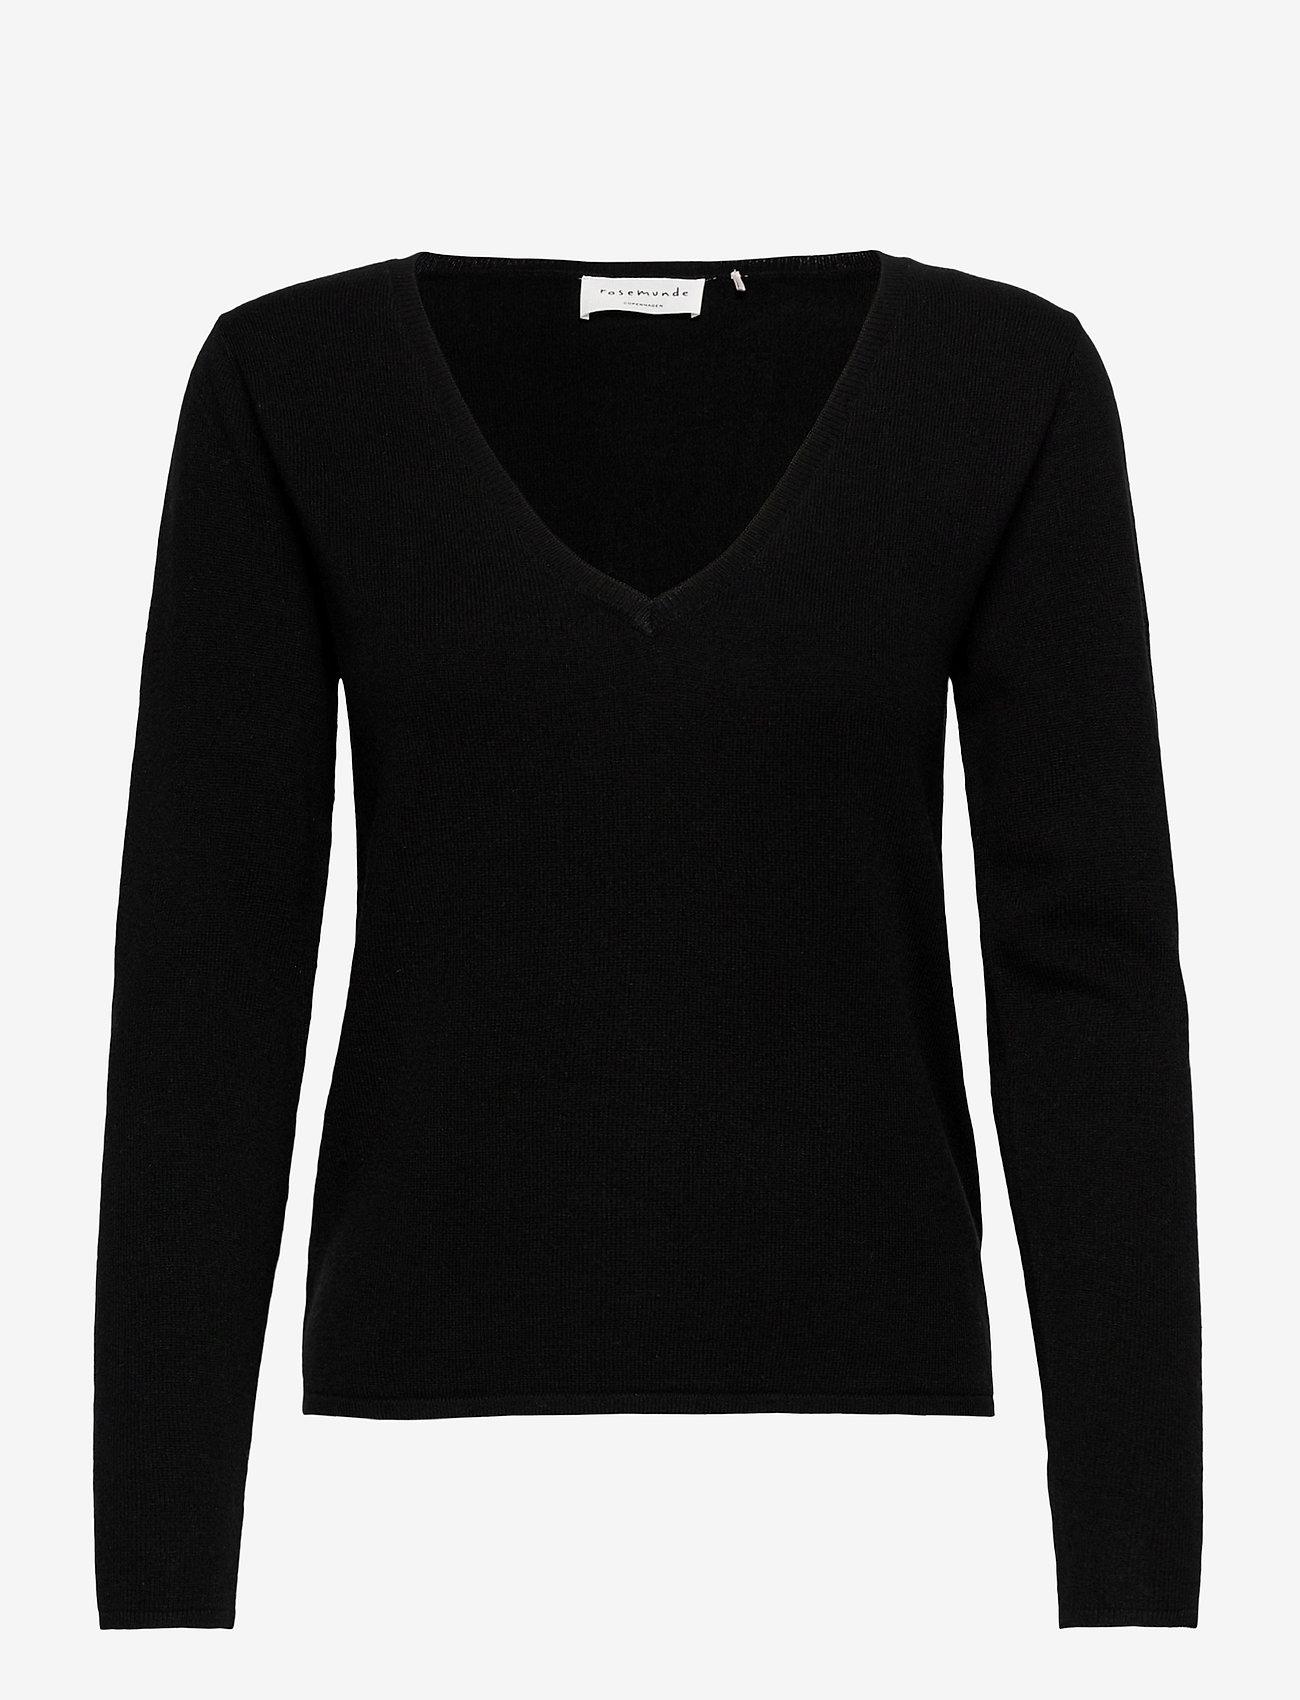 Rosemunde - Pullover ls - tröjor - black - 0